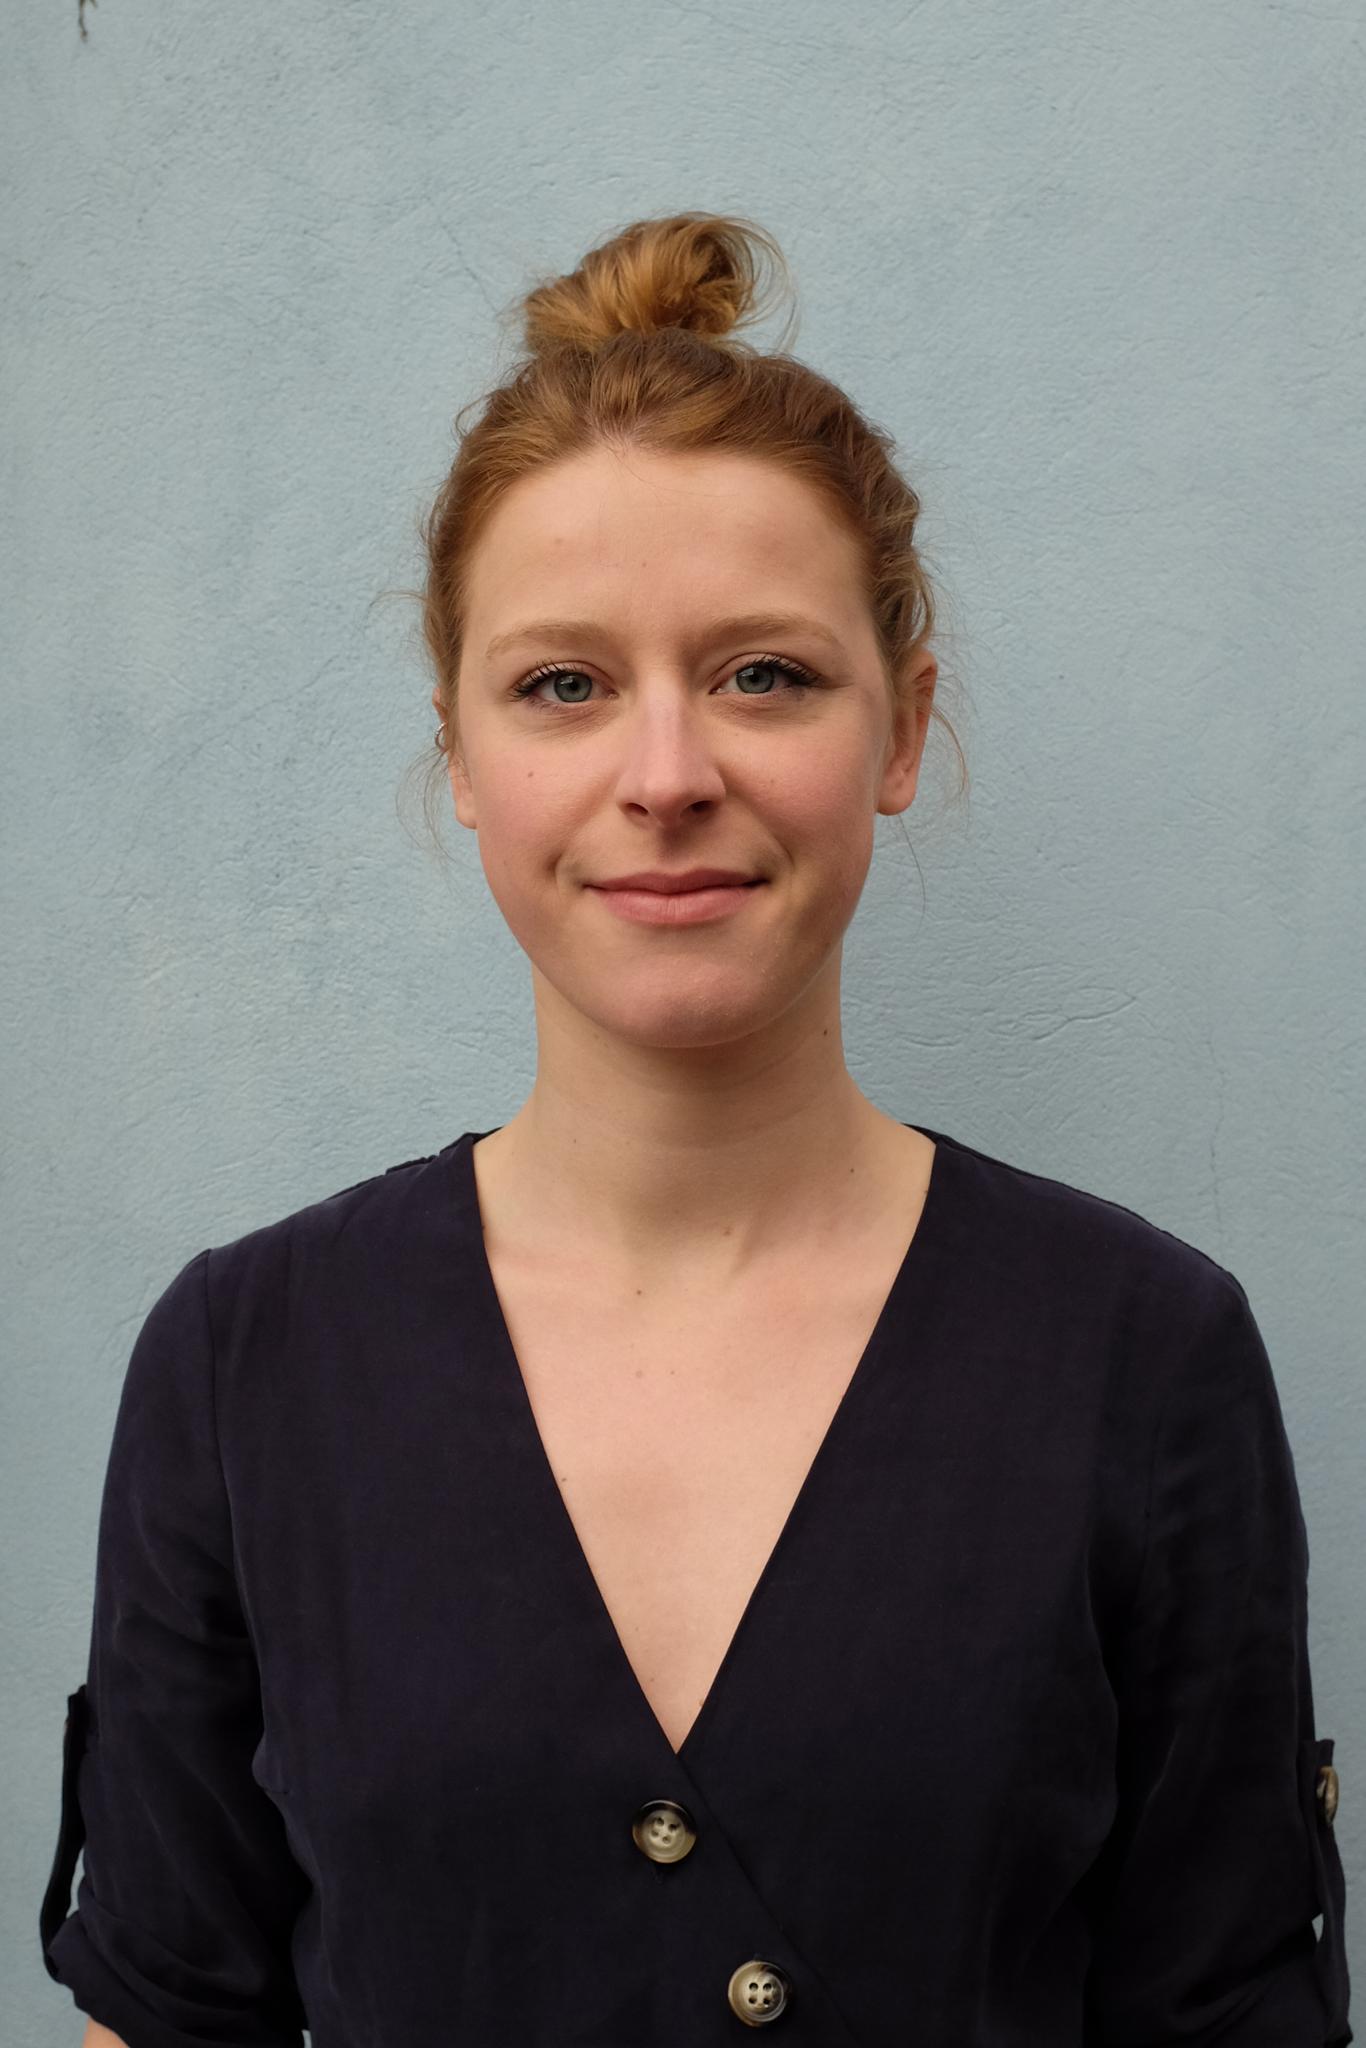 Portrait de Mathilde Corbet, co-fondatrice de Maison·g, Lyon, France